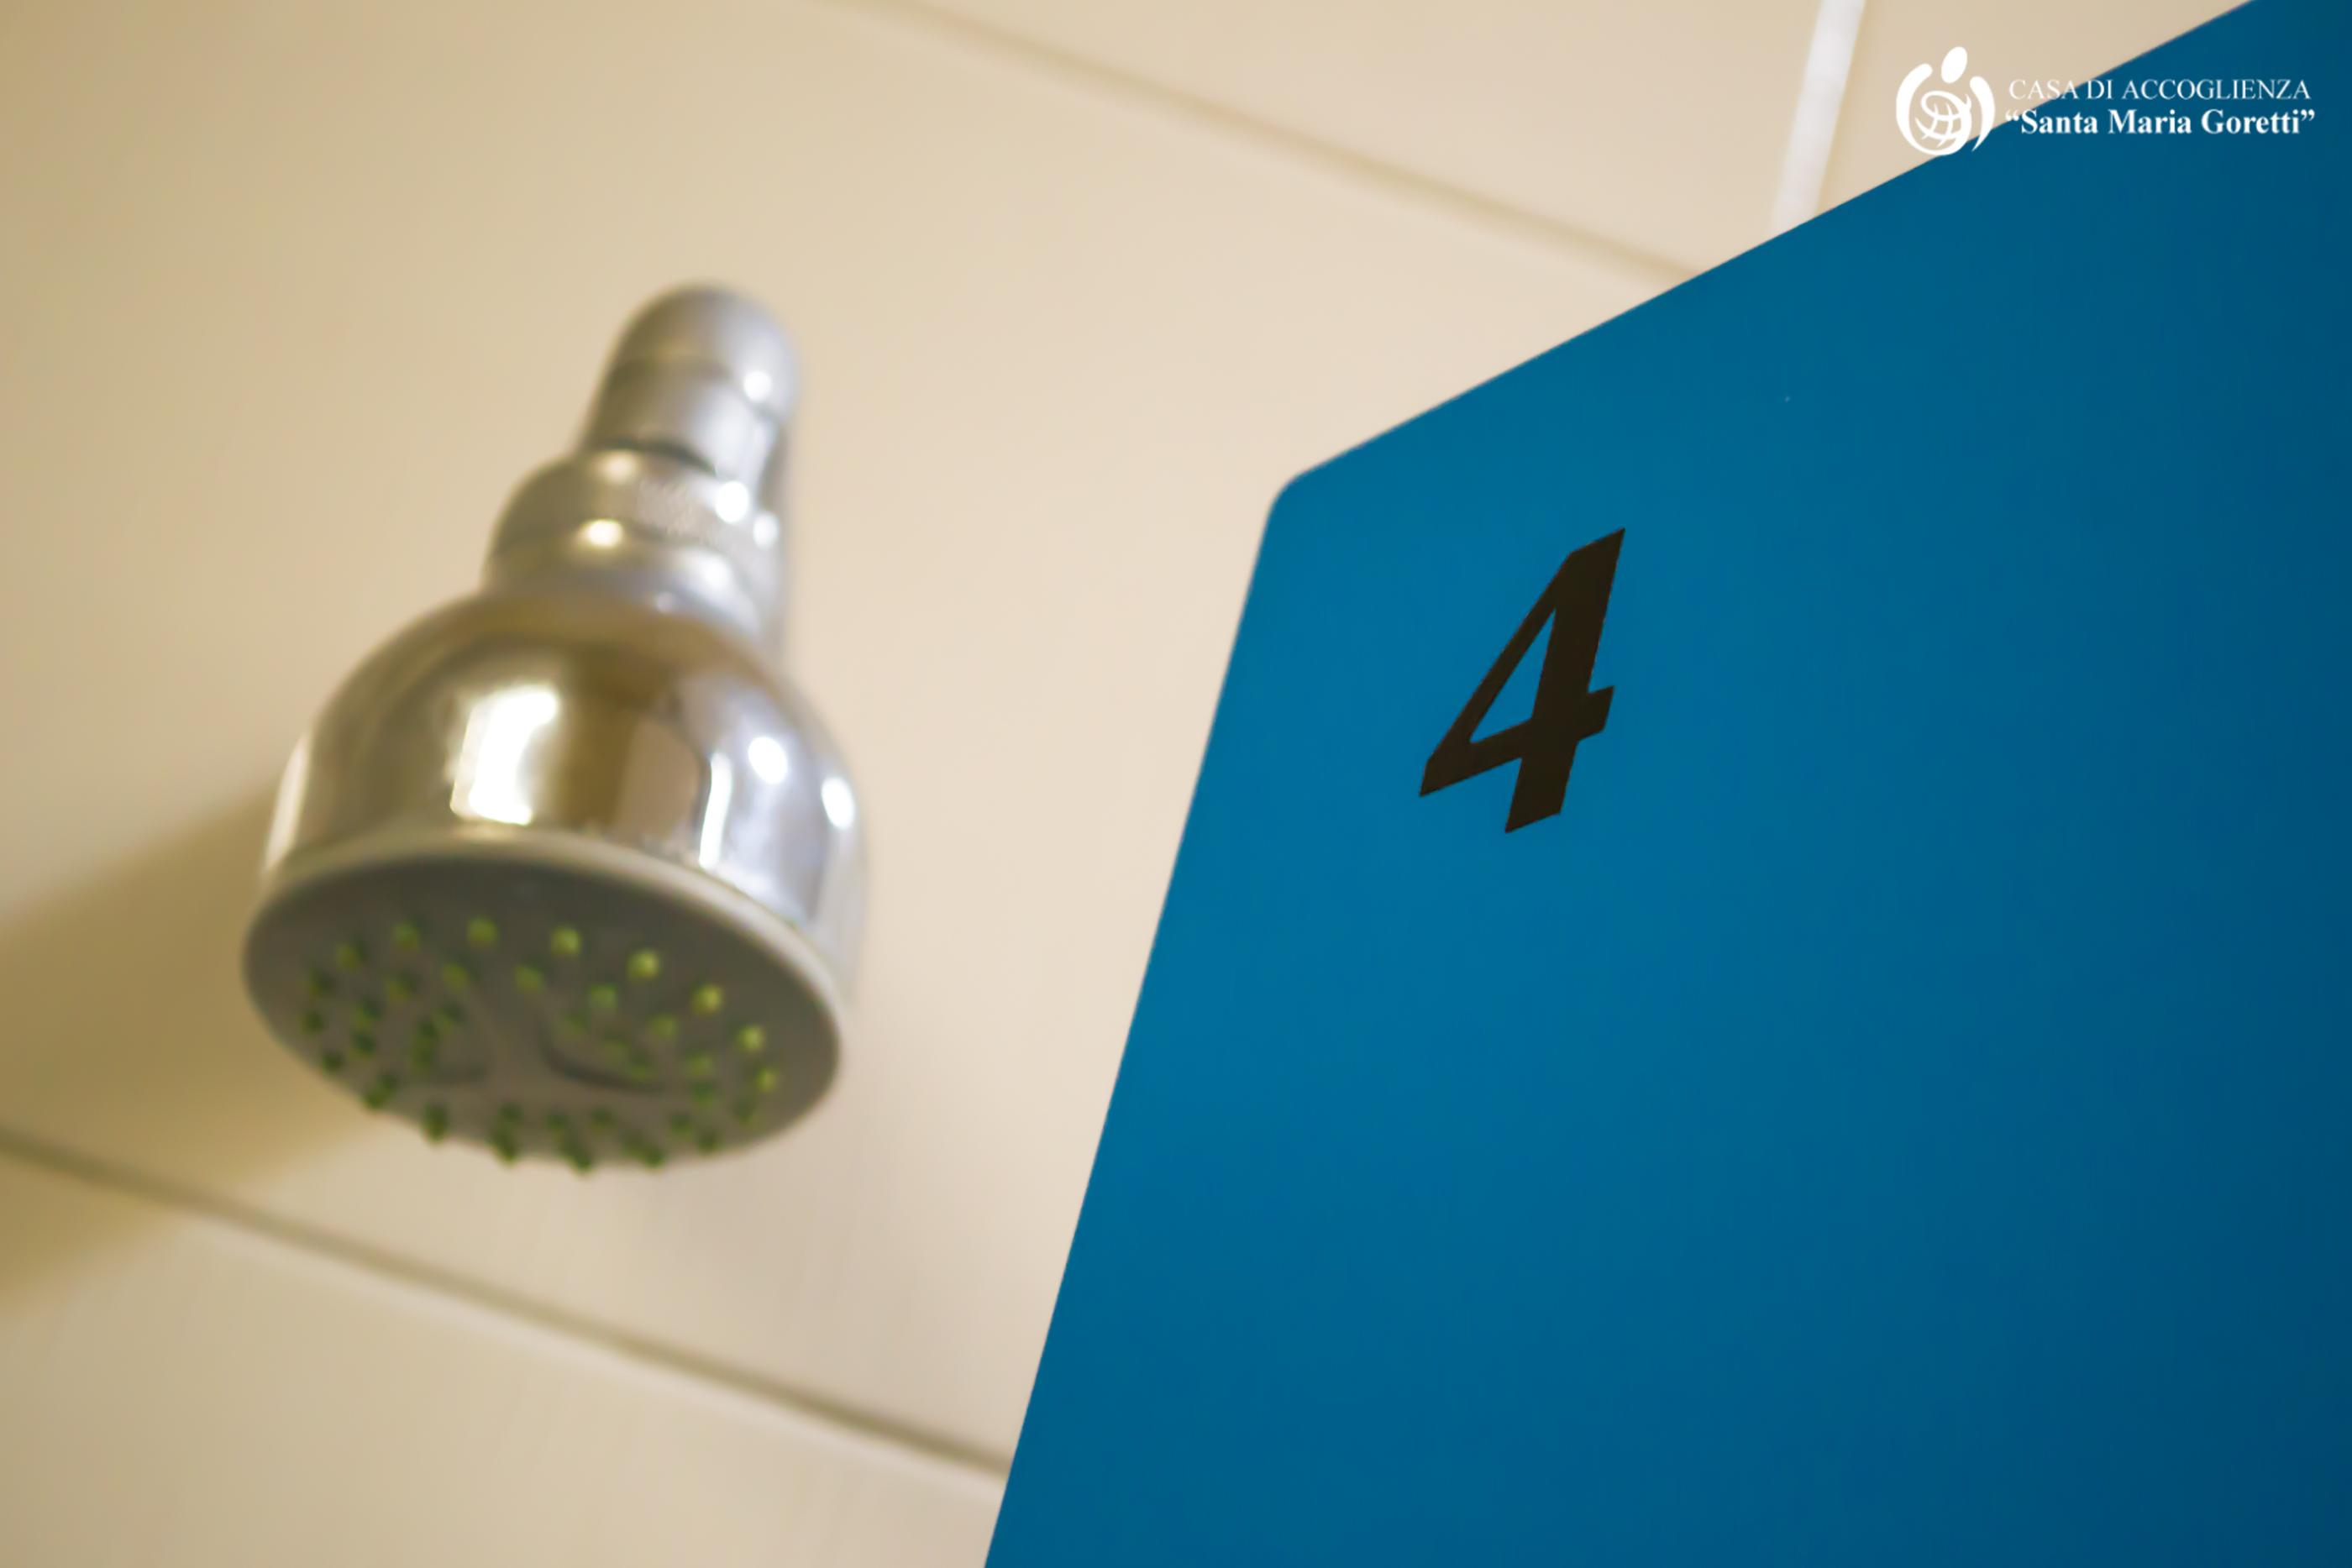 casa-accoglienza-andria-docce-2